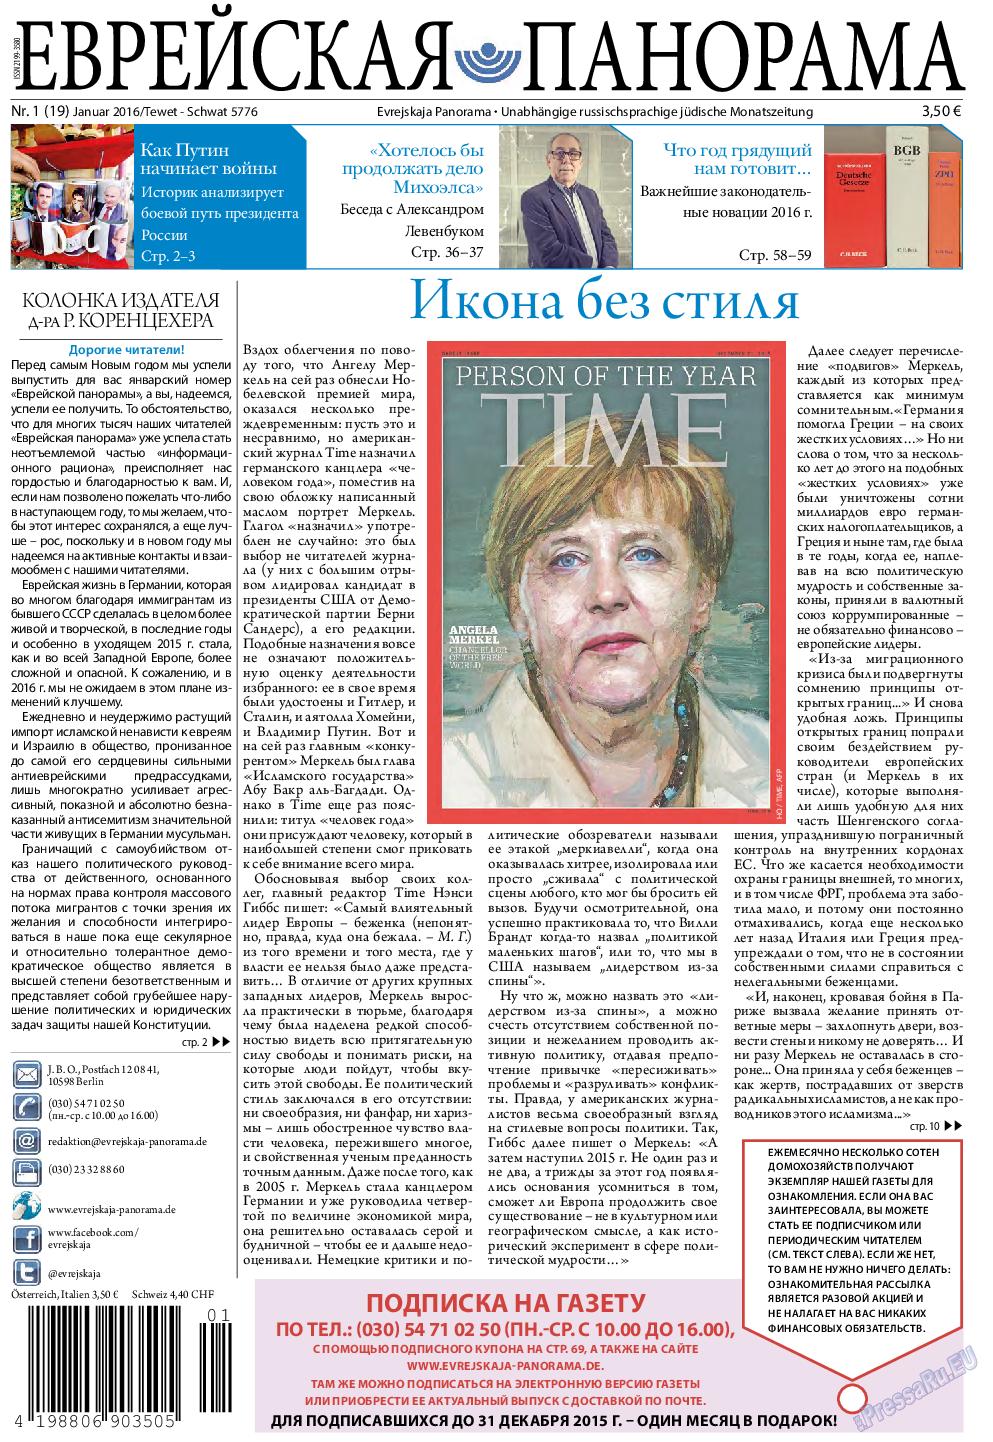 Еврейская панорама (газета). 2016 год, номер 1, стр. 1